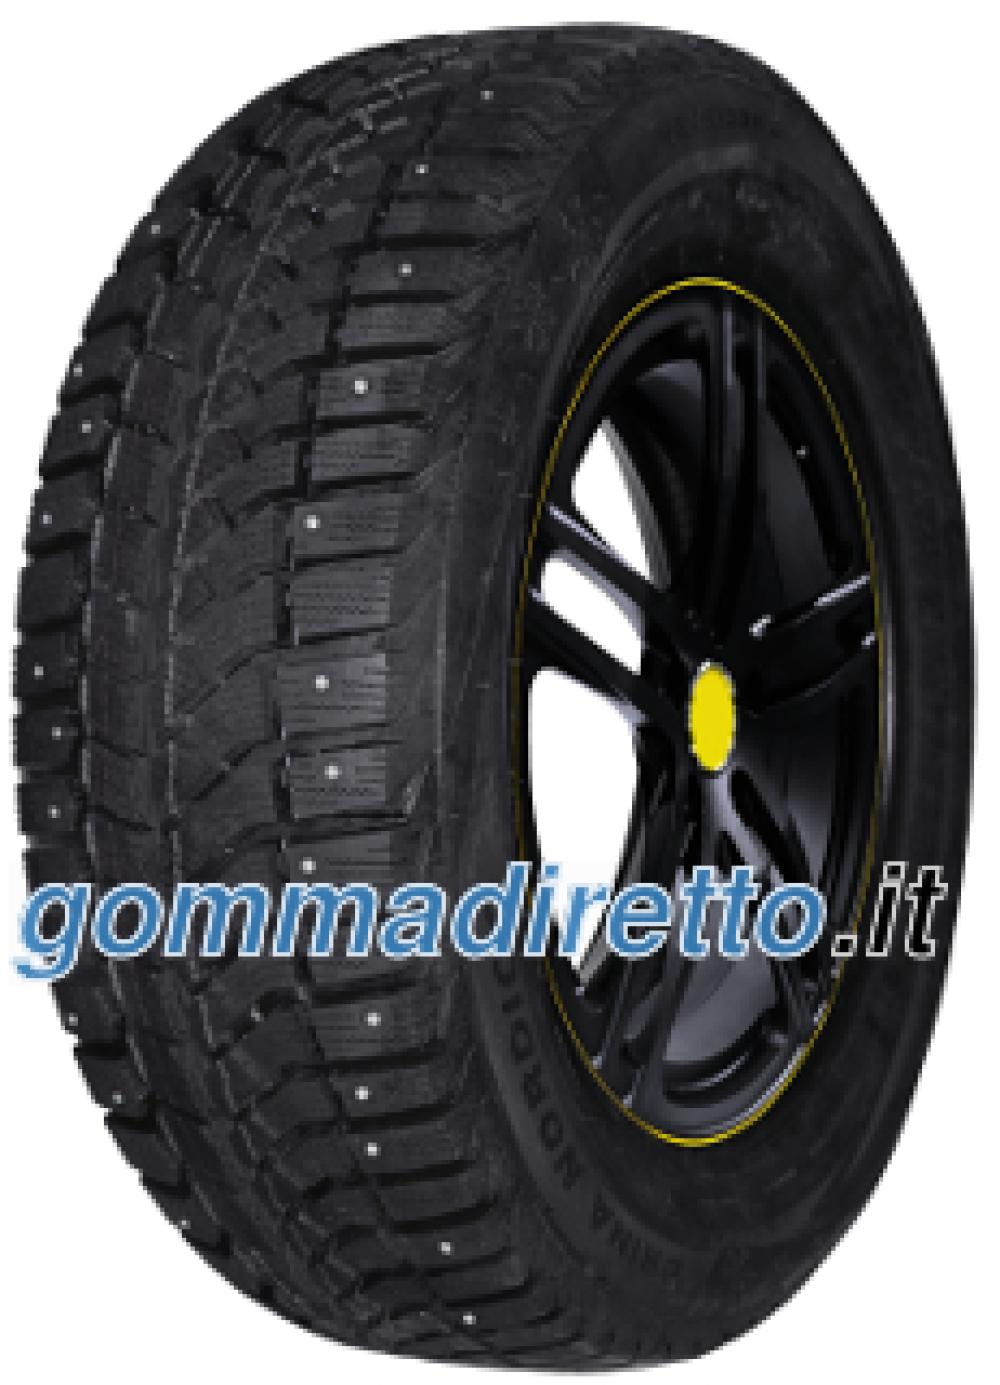 Image of Viatti Brina Nordico ( 185/60 R14 82T, pneumatico chiodato )